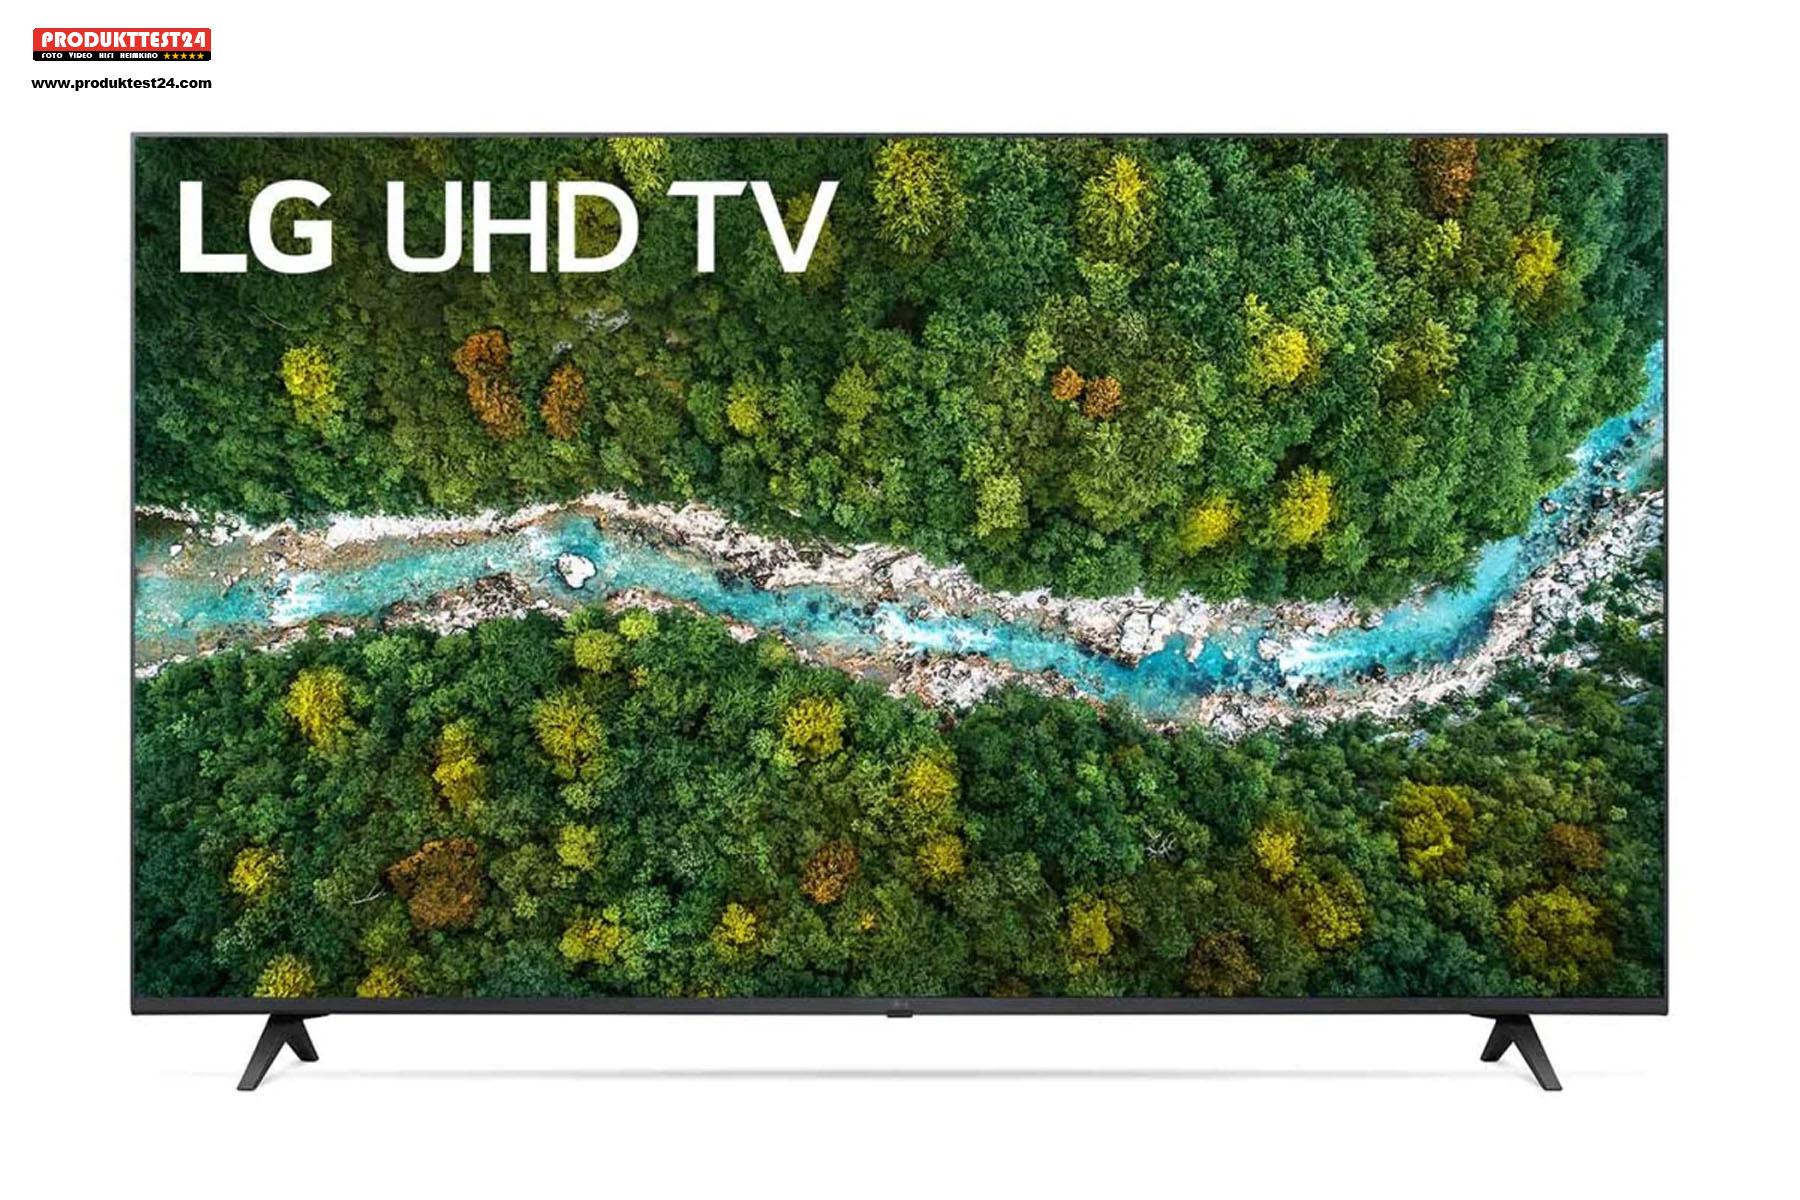 Der günstige LG 4K-Fernseher mit 43 Zoll Bilddiagonale